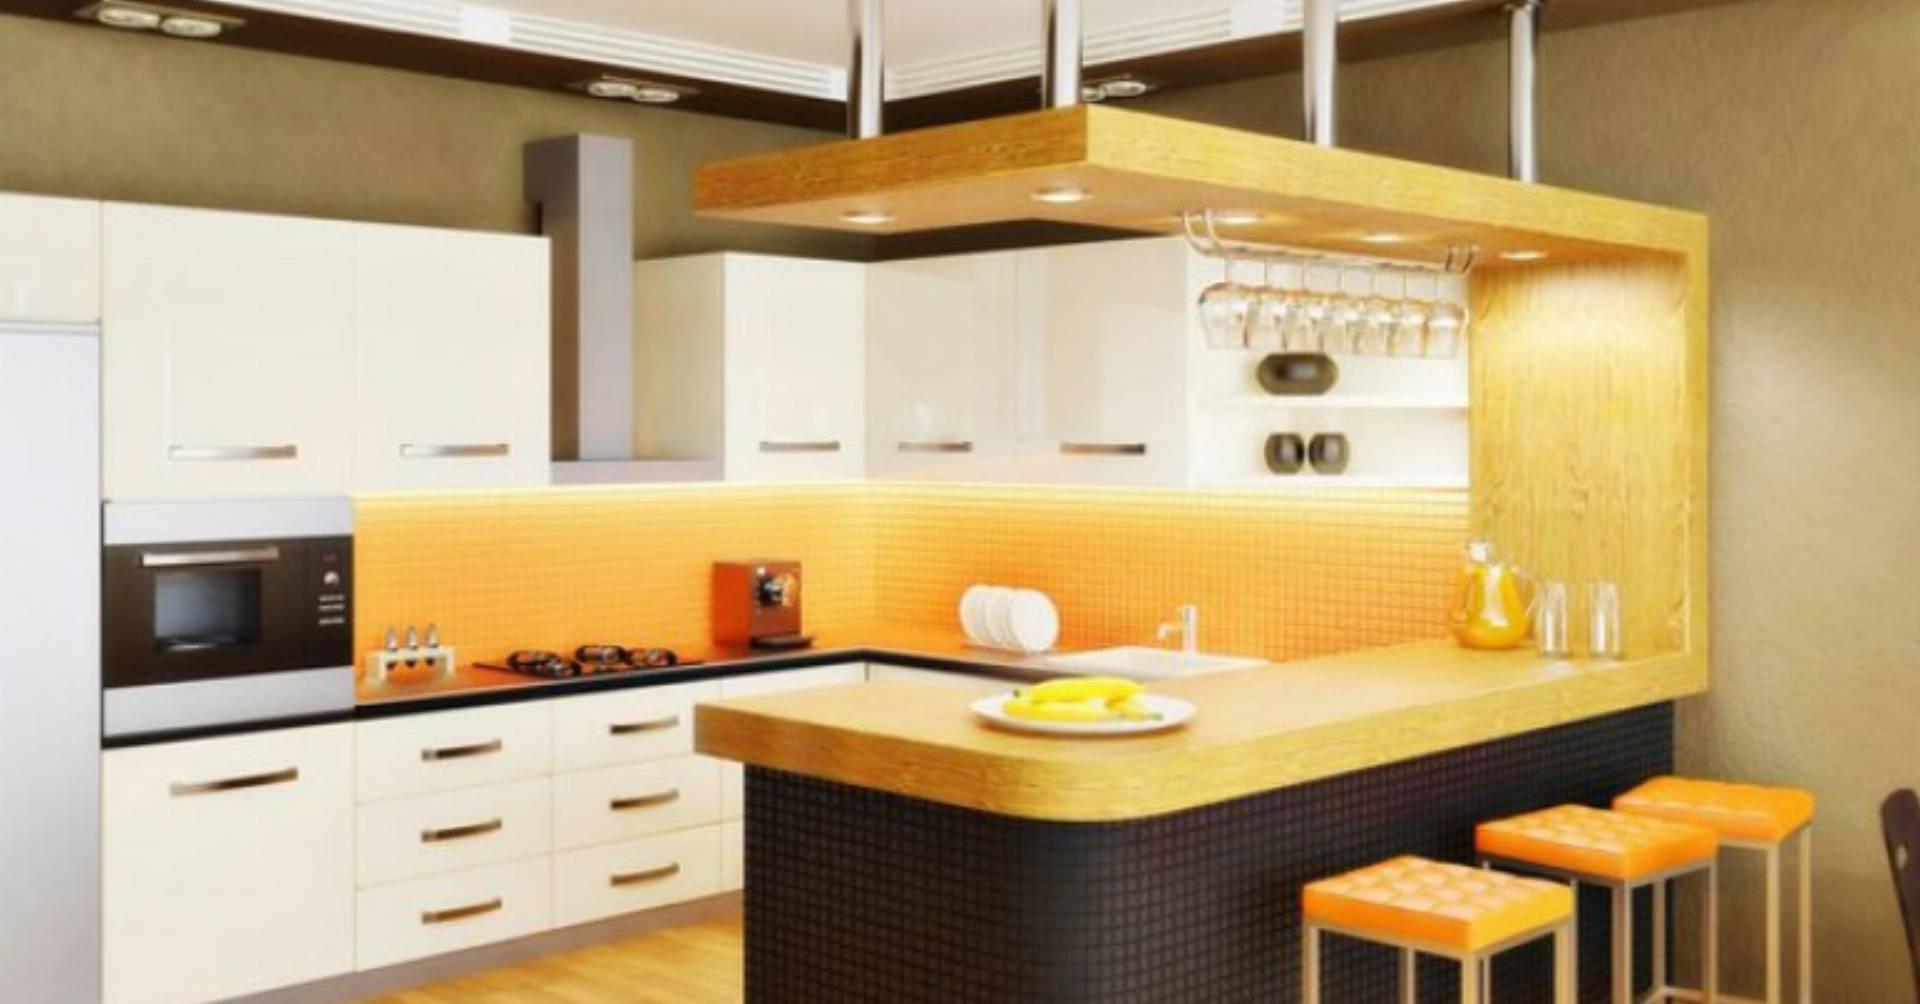 Jakie cechy powinny posiadać idealne meble kuchenne